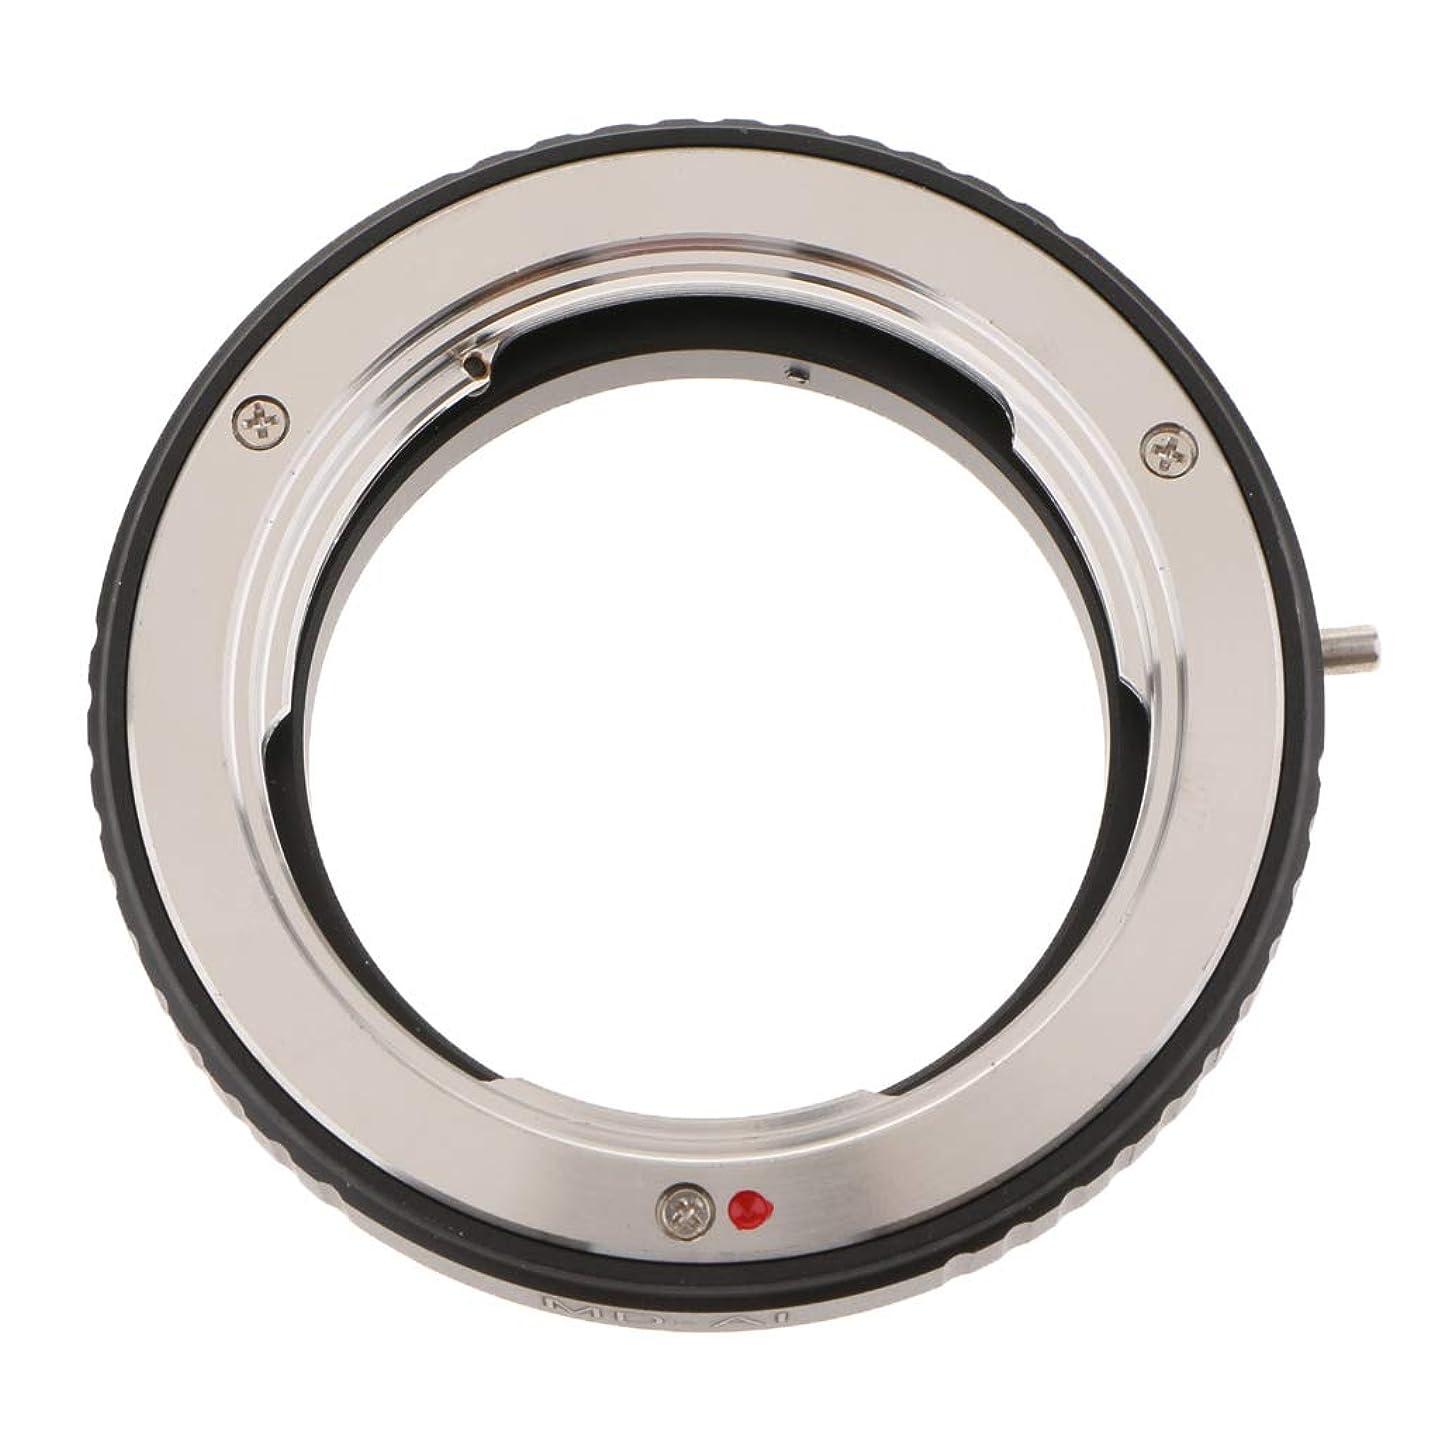 SM SunniMix Macro Confirm Minolta MD Lens Transfer Ring to Nikon AI F DSLR D4s D610 D800 D3300 D5600 D3400 Camera Adapter No Glass